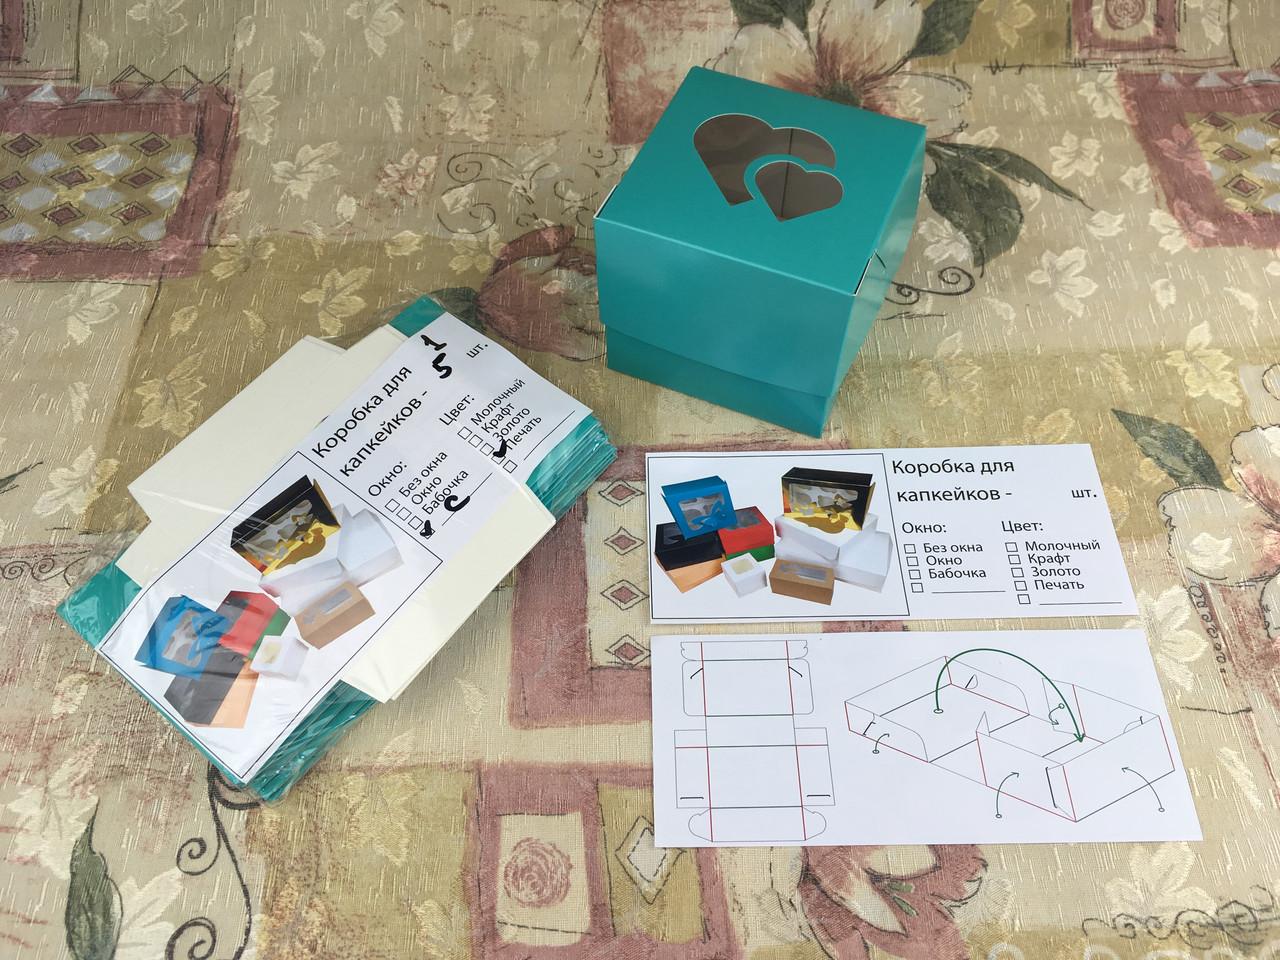 Коробка для 1-ого кекса / 100х100х90 мм / печать-Бирюза / окно-2 Сердц / лк